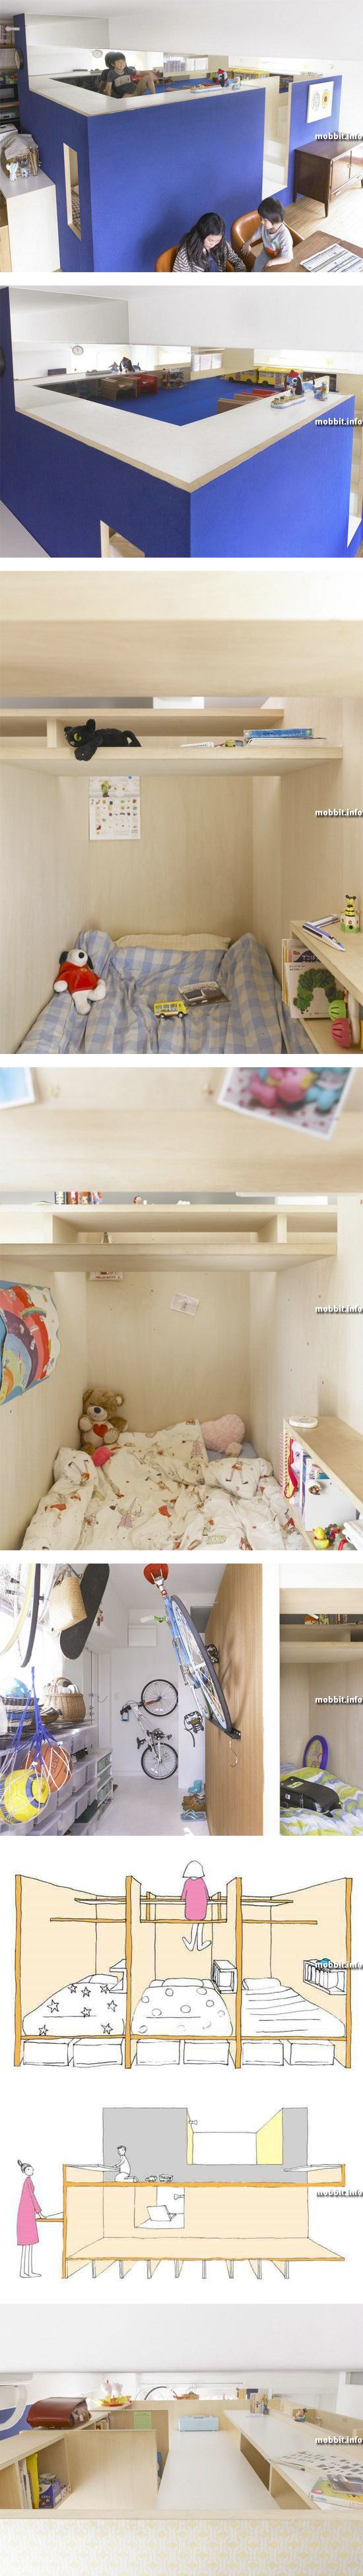 Крошечная двухуровневая квартира